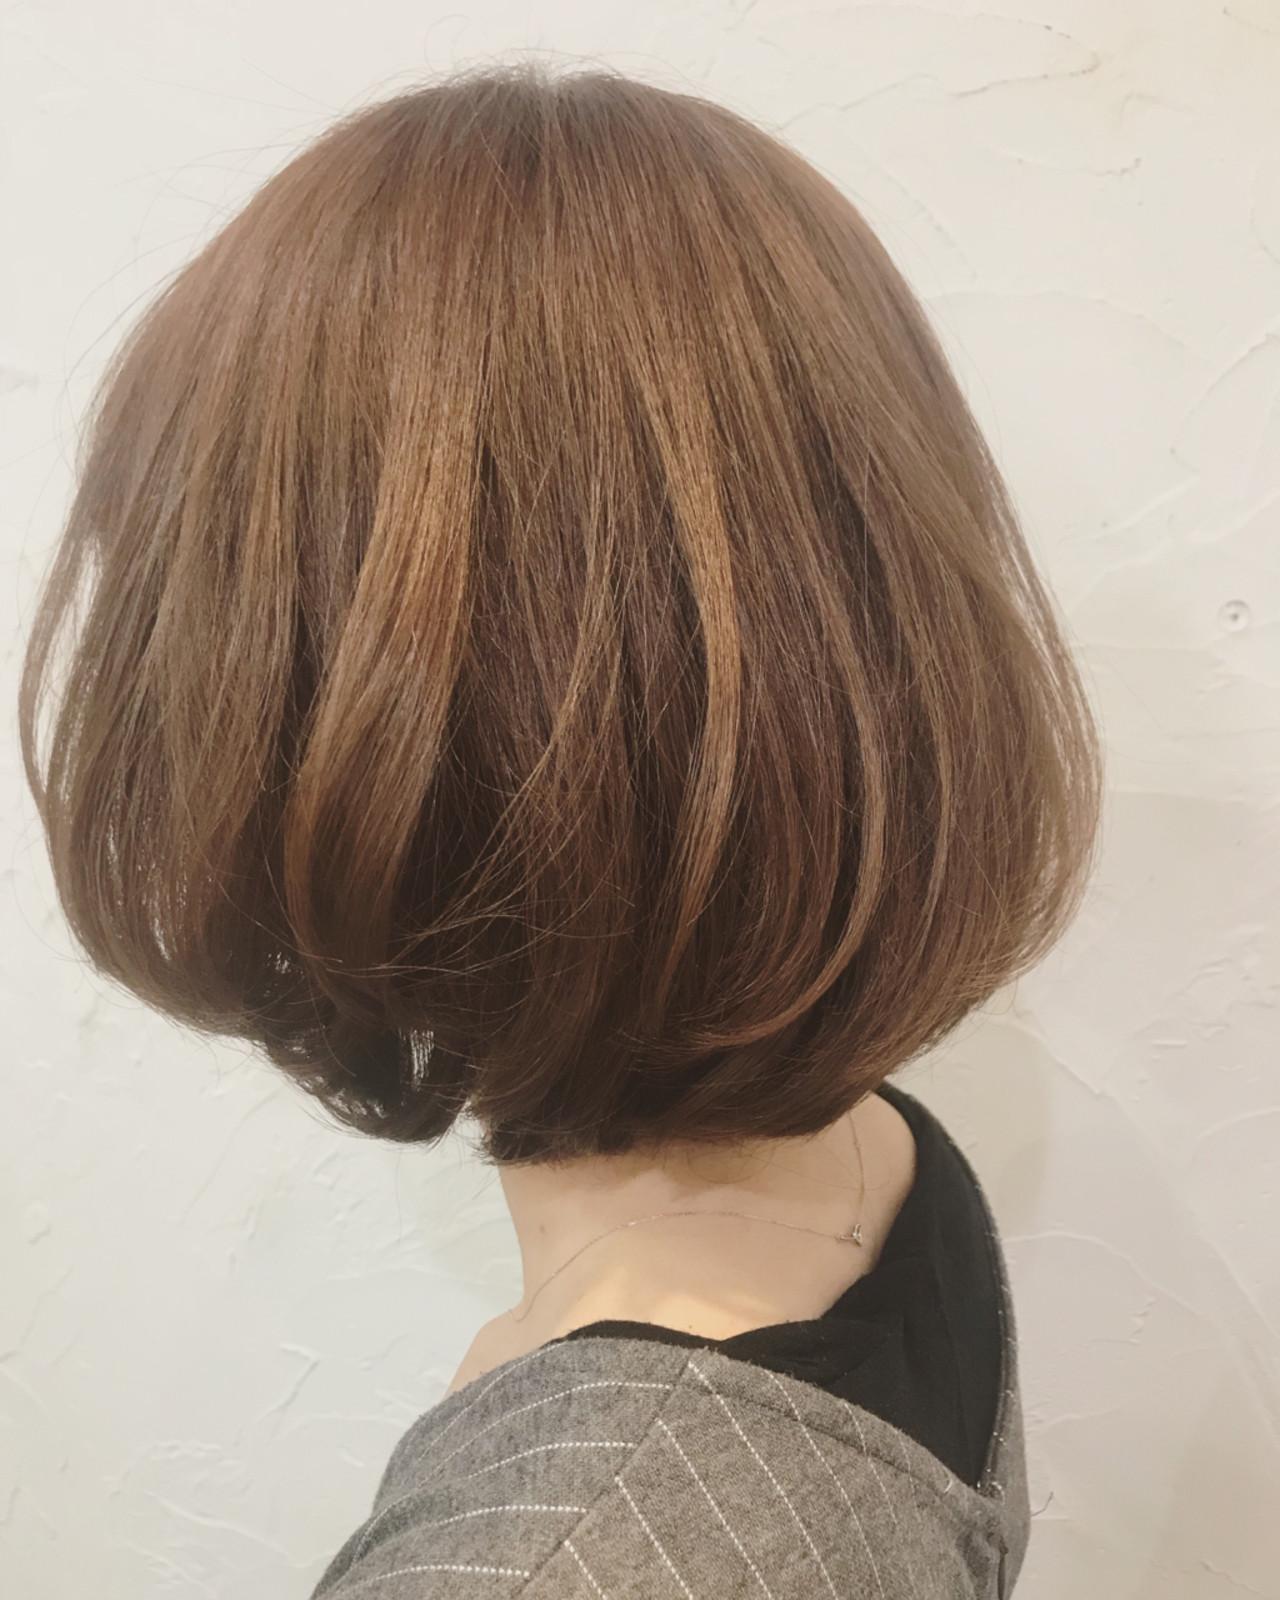 ナチュラル マッシュ フェミニン ショートボブ ヘアスタイルや髪型の写真・画像 | 辻本和哉 / Lego hair 鳳店